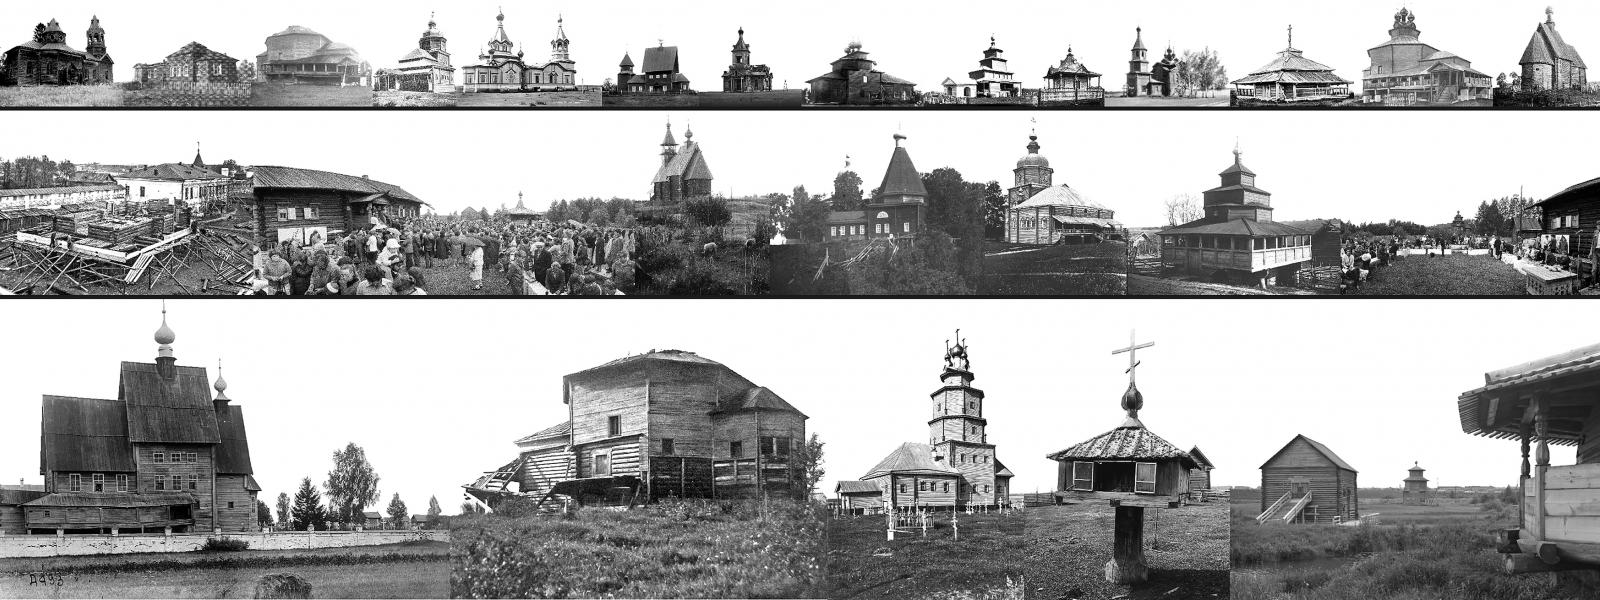 work-Монография «Культурное наследие: интерпретация, актуализация, сохранение. Взгляд на костромские деревянные храмы»